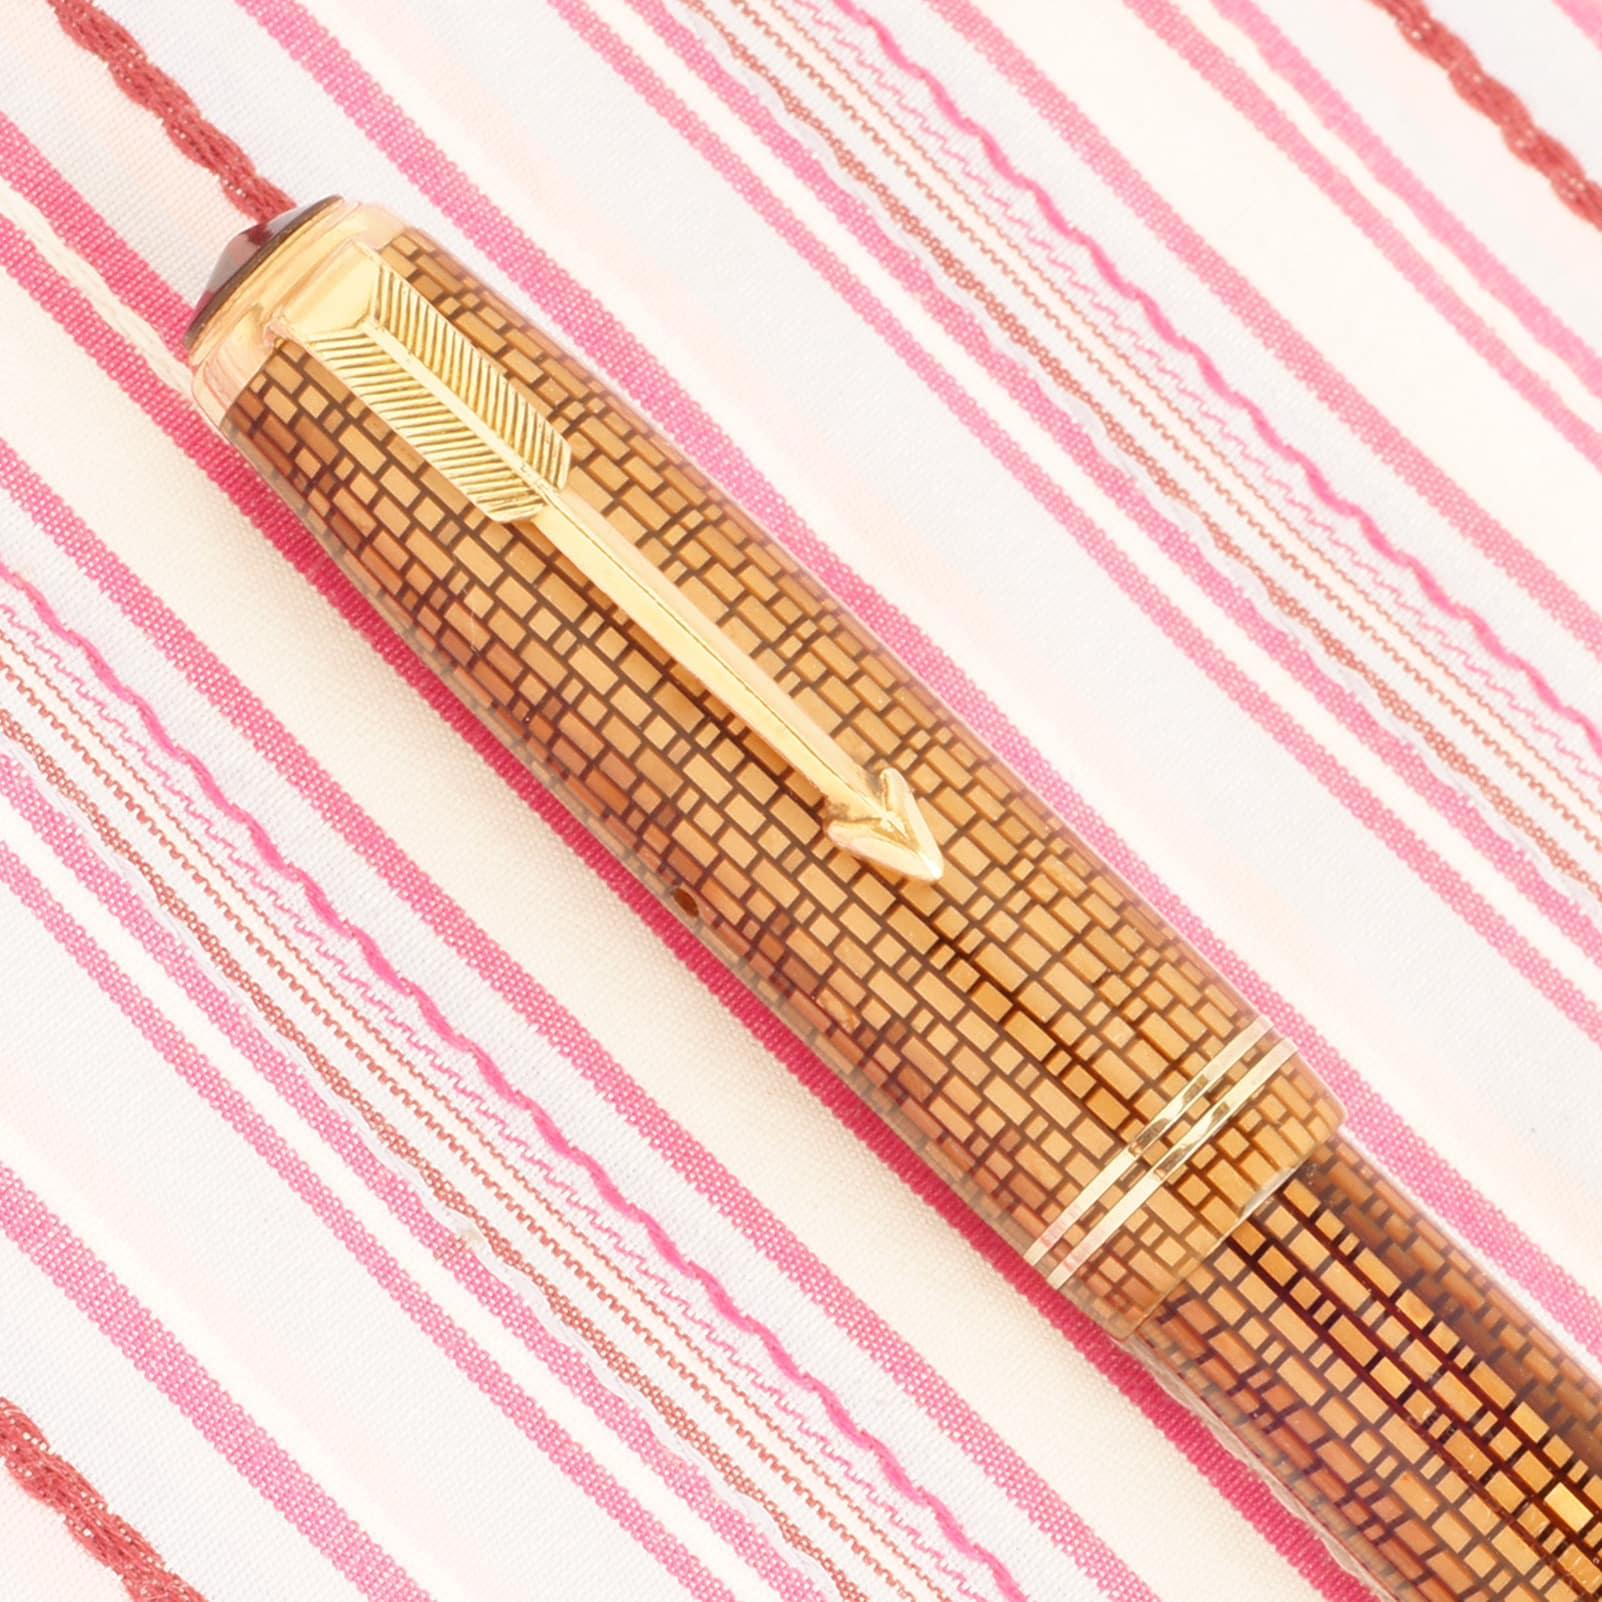 parker vacumatic gold web 2jewel pk225